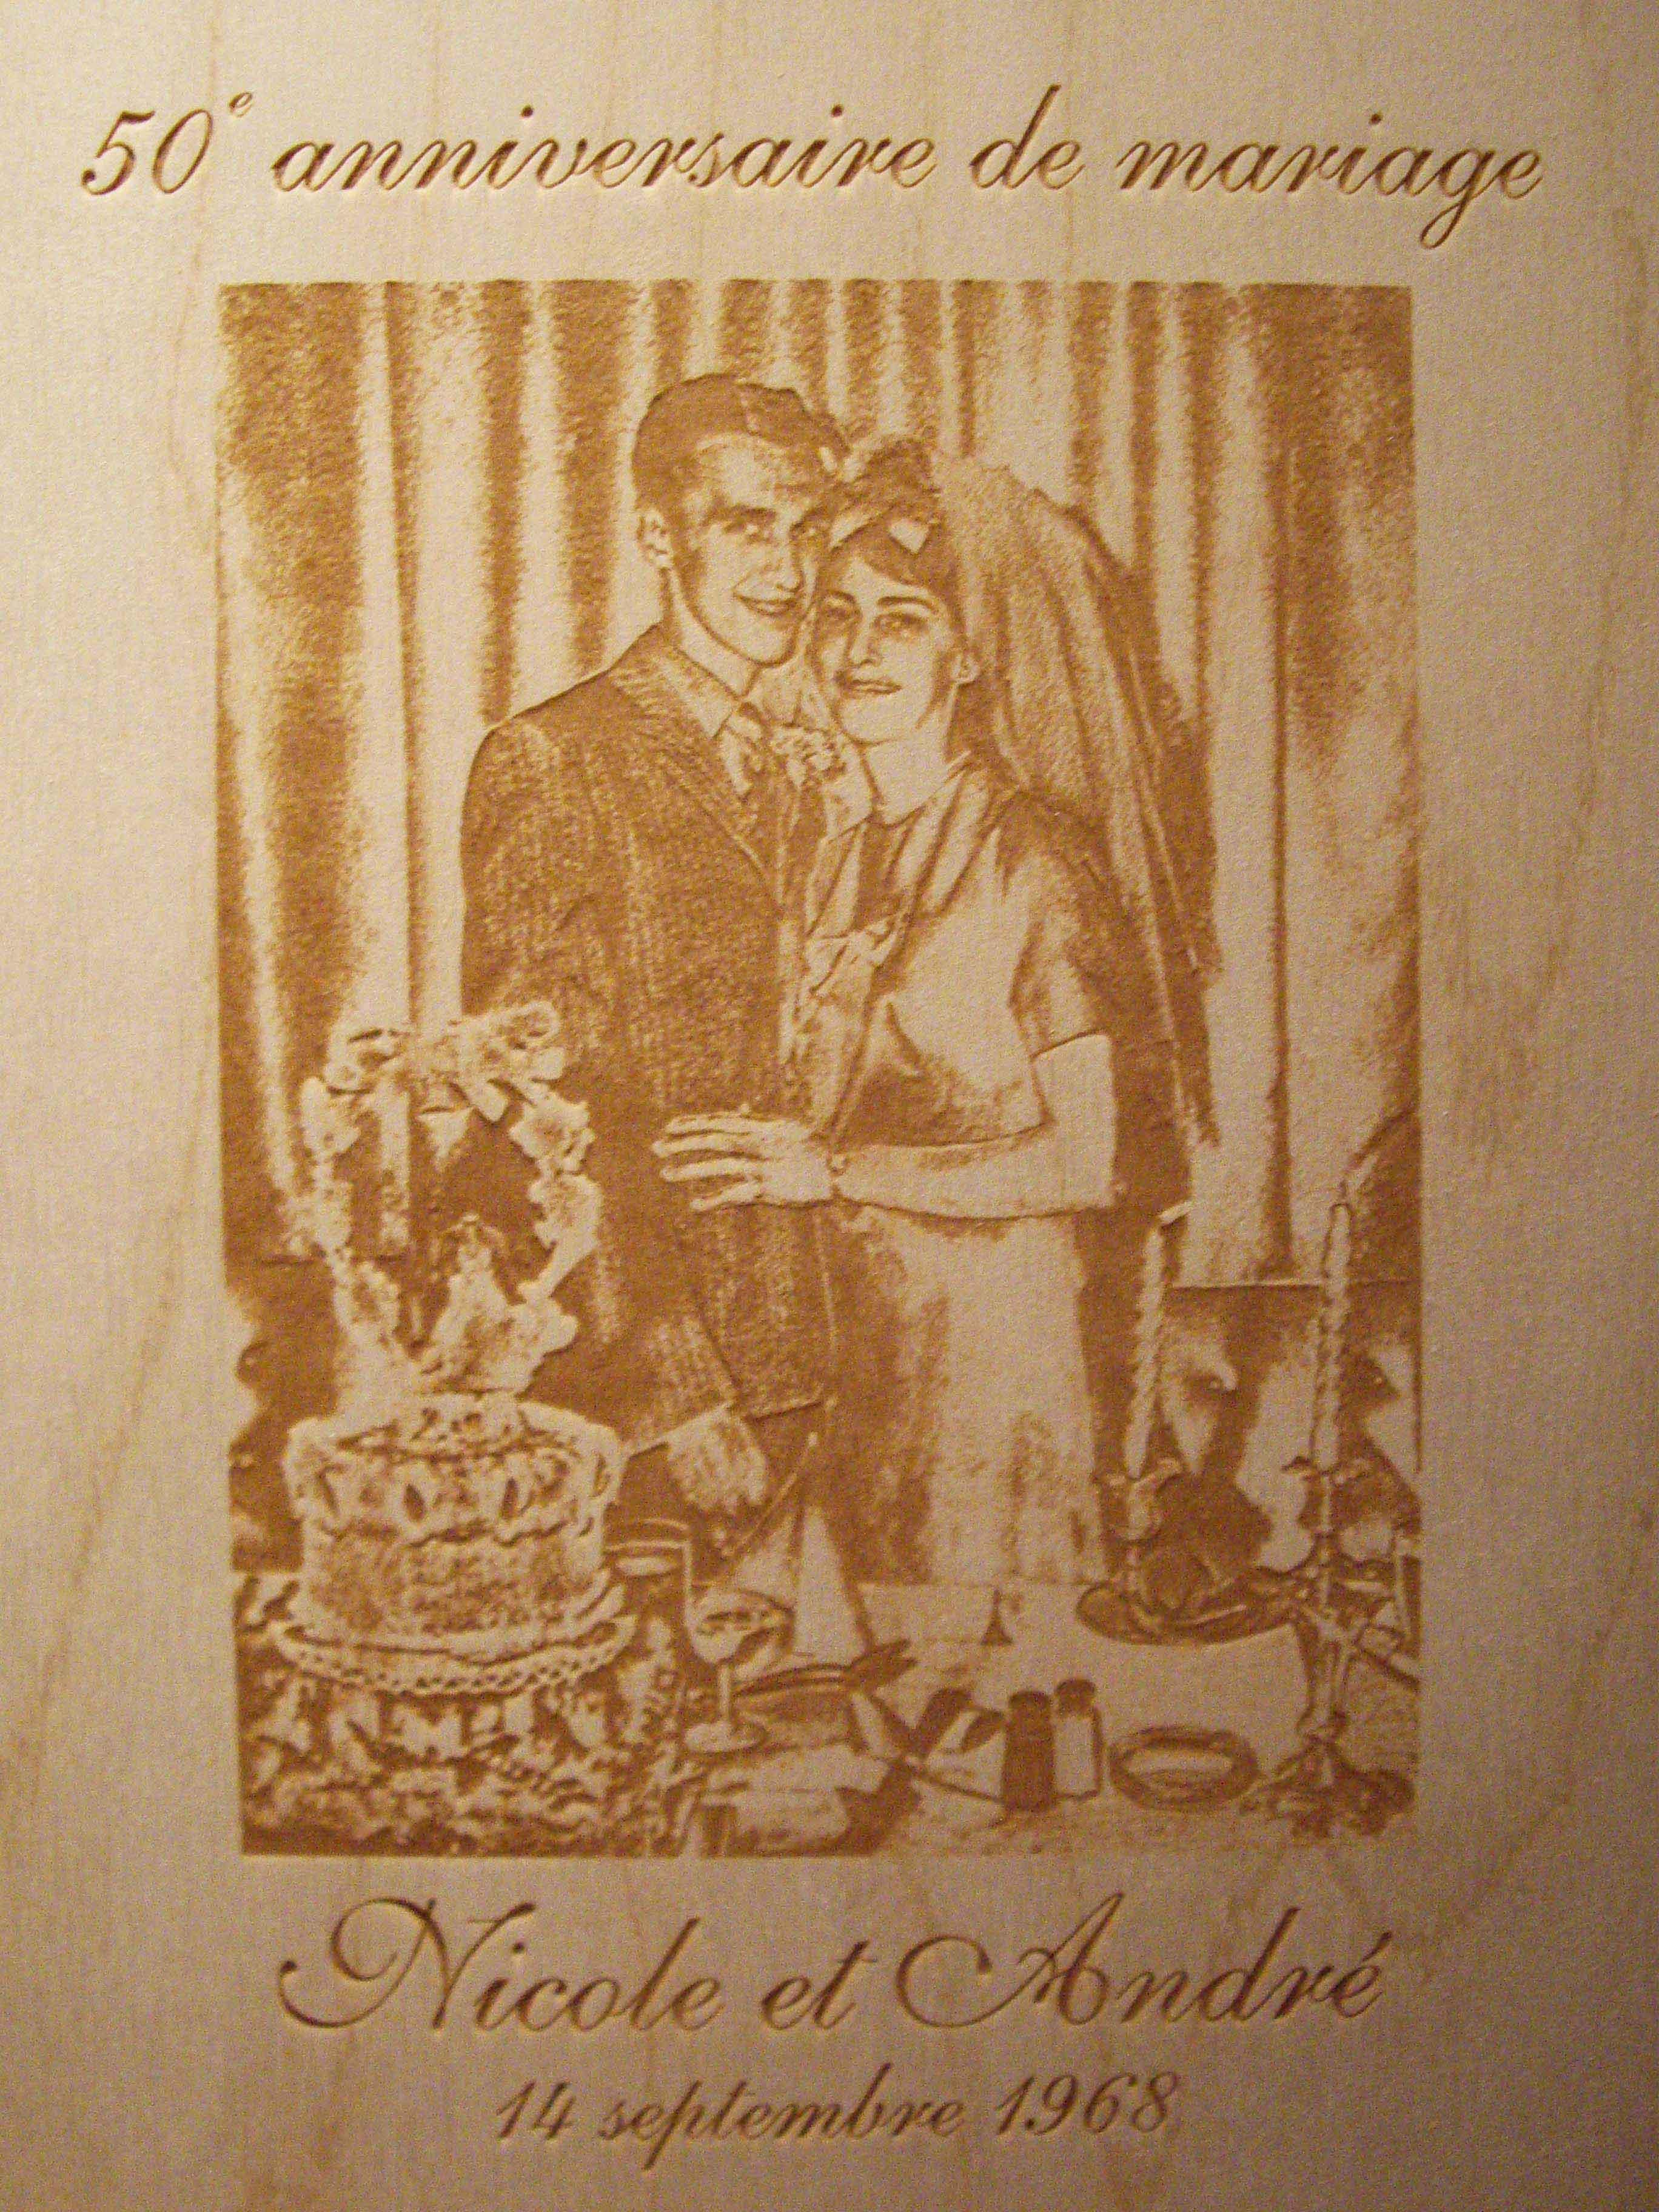 personnalis/é grav/é au Laser en Acier Inoxydable Flasque Anniversaire Mariage Anniversaire Cadeau personnalis/é Noir